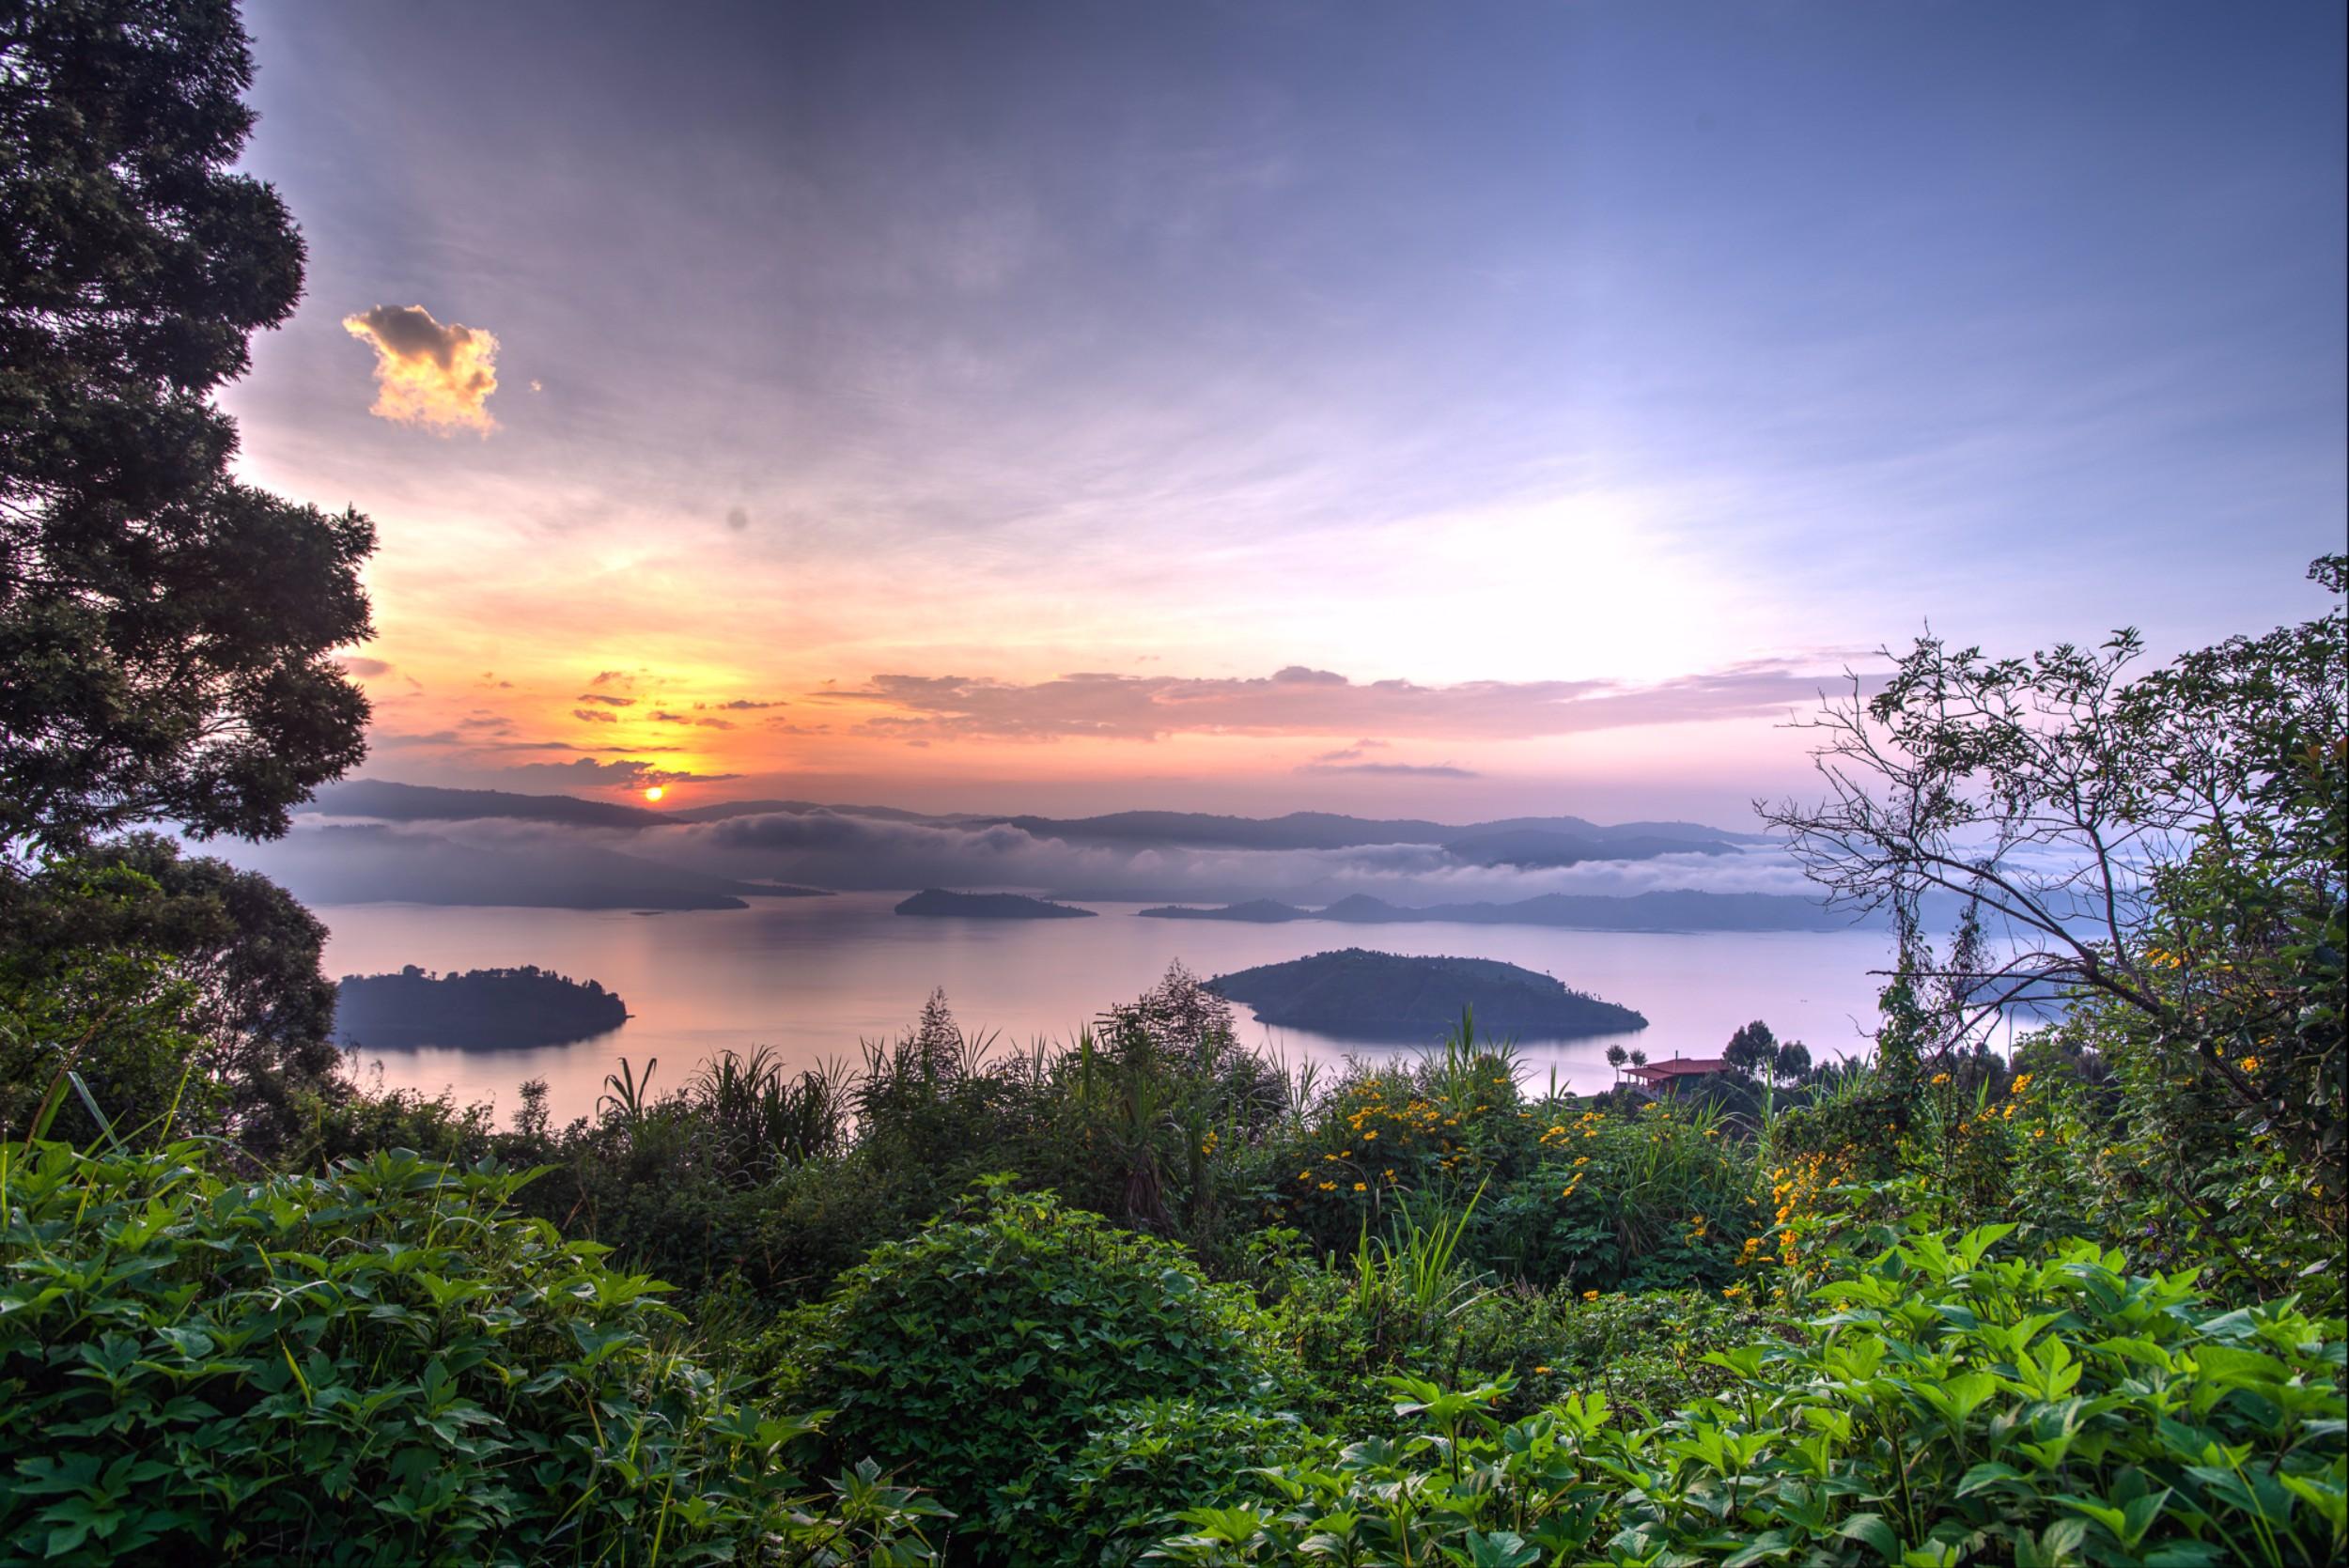 Virunga_sunset panorama.jpg